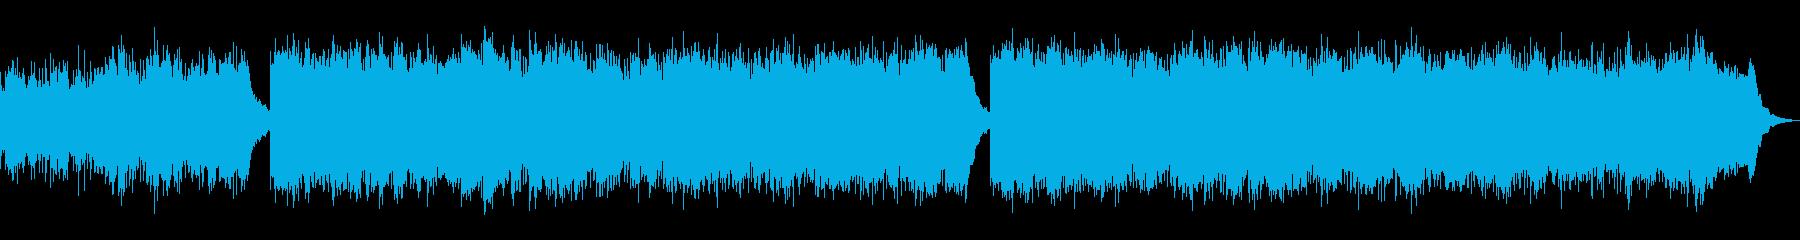 戦闘曲「全力で逃げろ」1分BGMの再生済みの波形